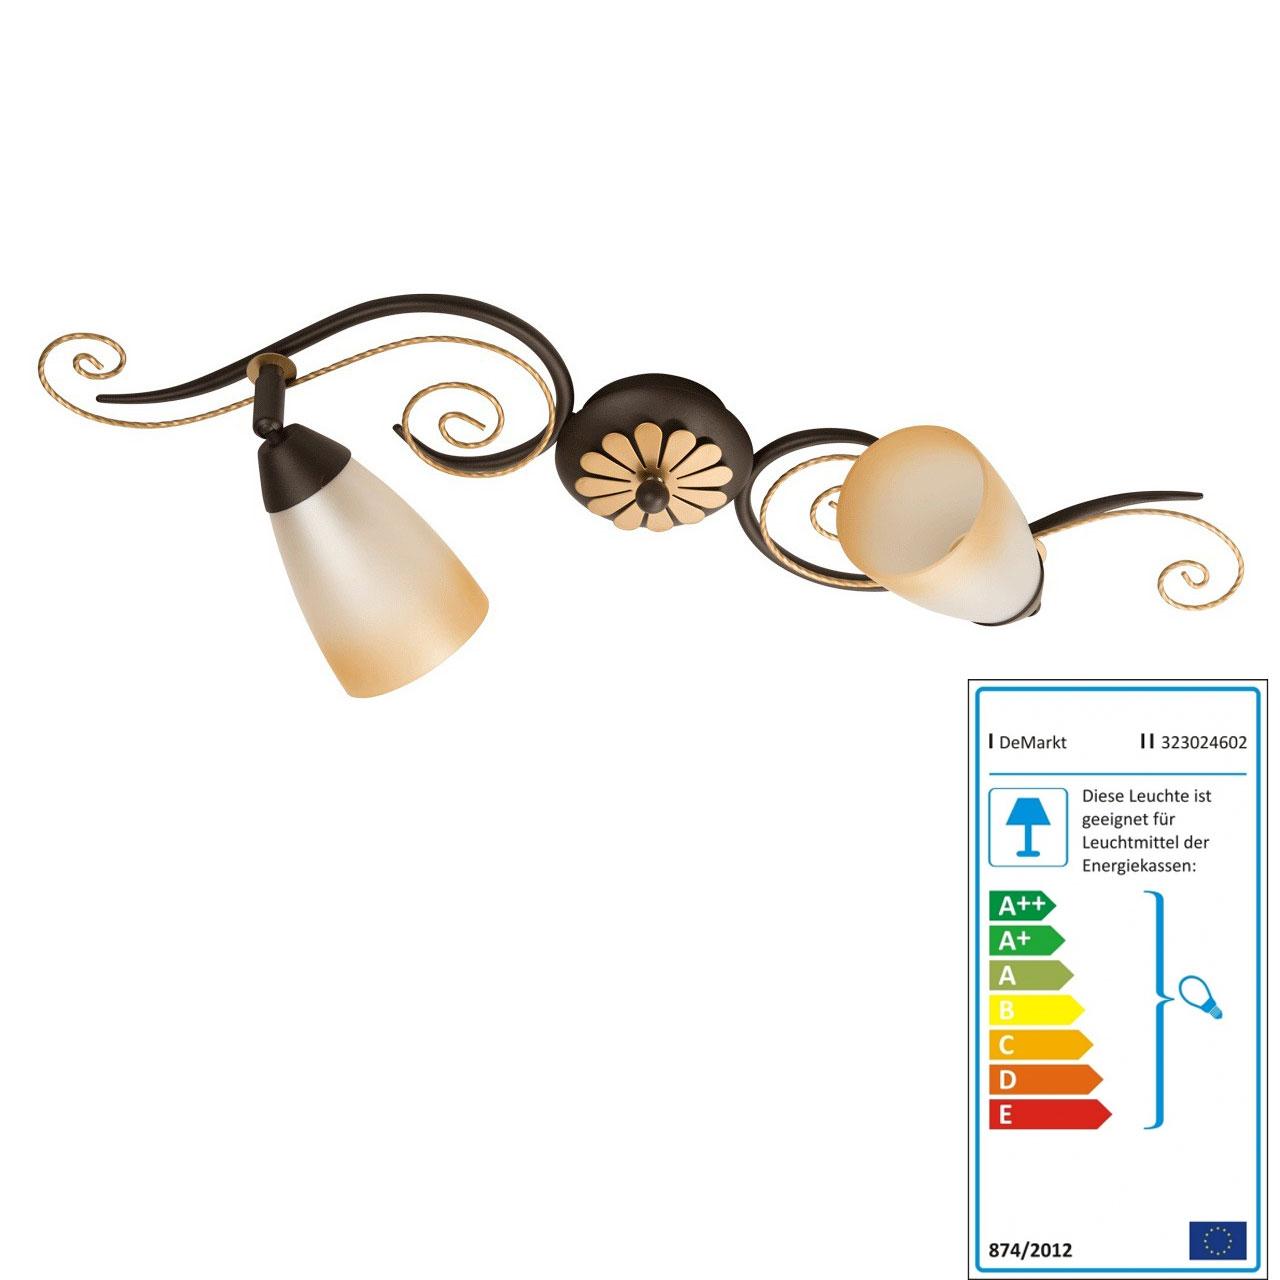 Deckenleuchte mw165 deckenlampe wandleuchte wandlampe 2 for Deckenleuchte deckenlampe